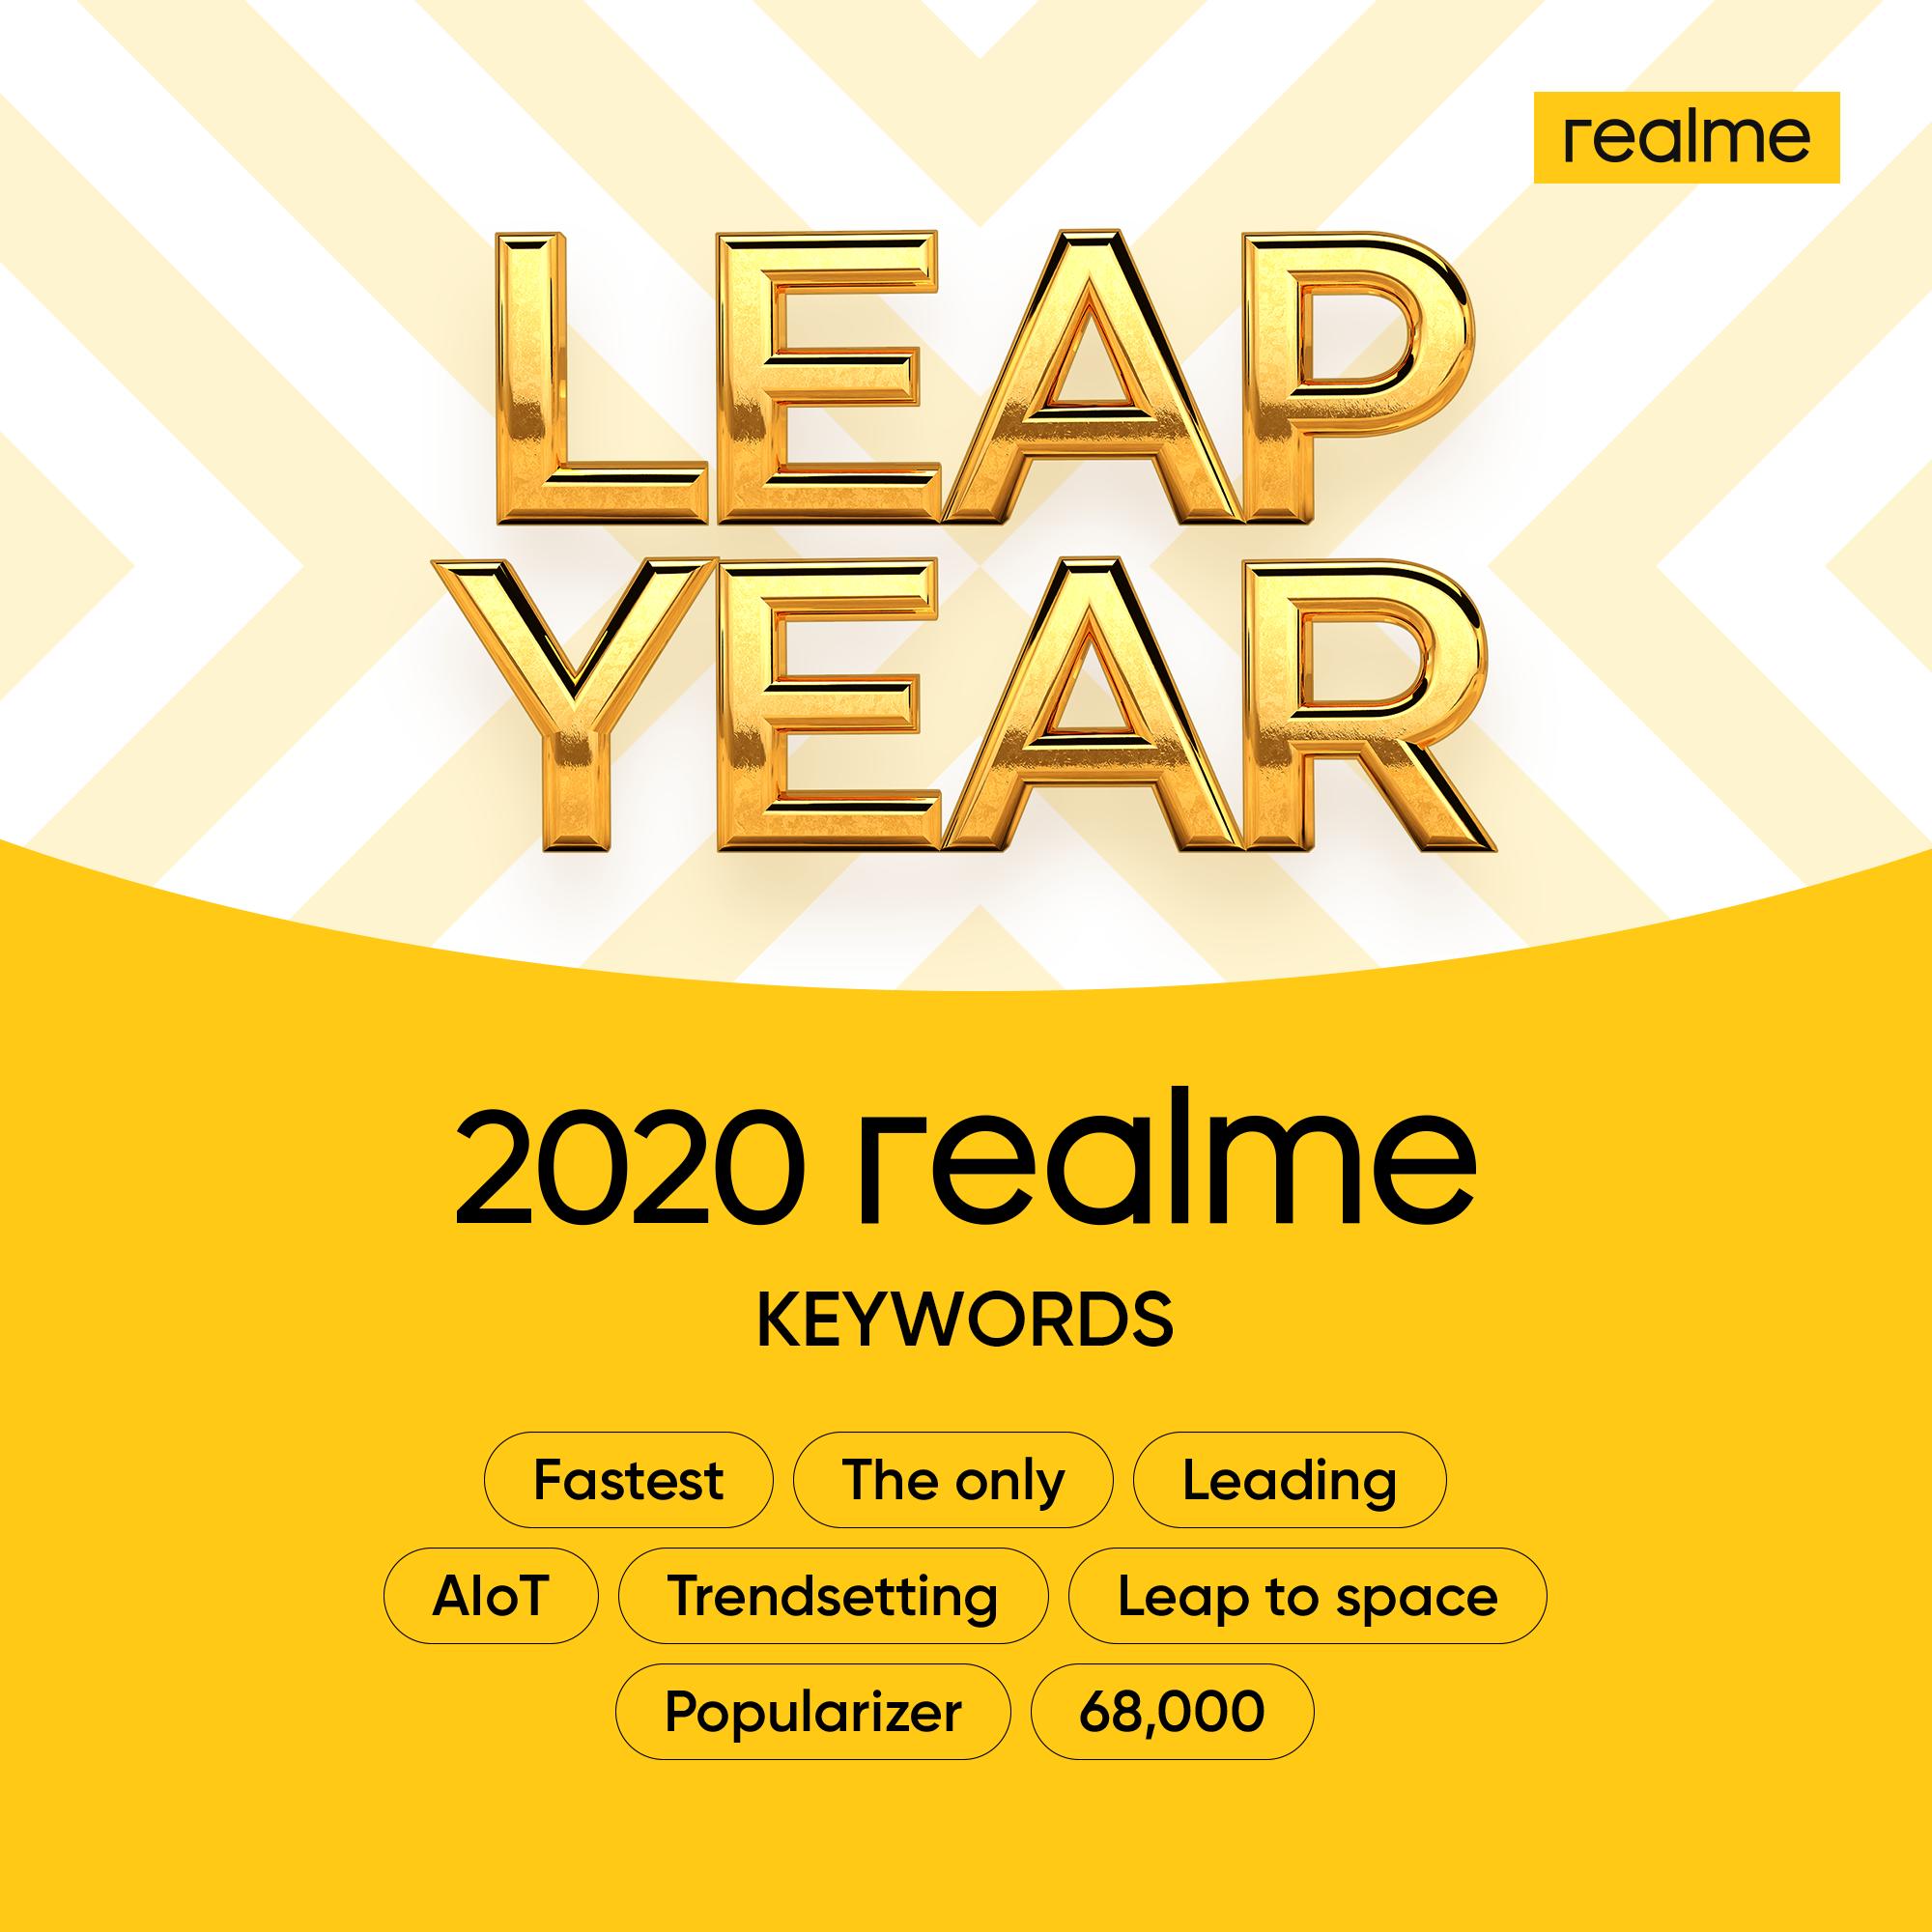 realme încheie 2020 cu peste 160 de premii globale obţinute